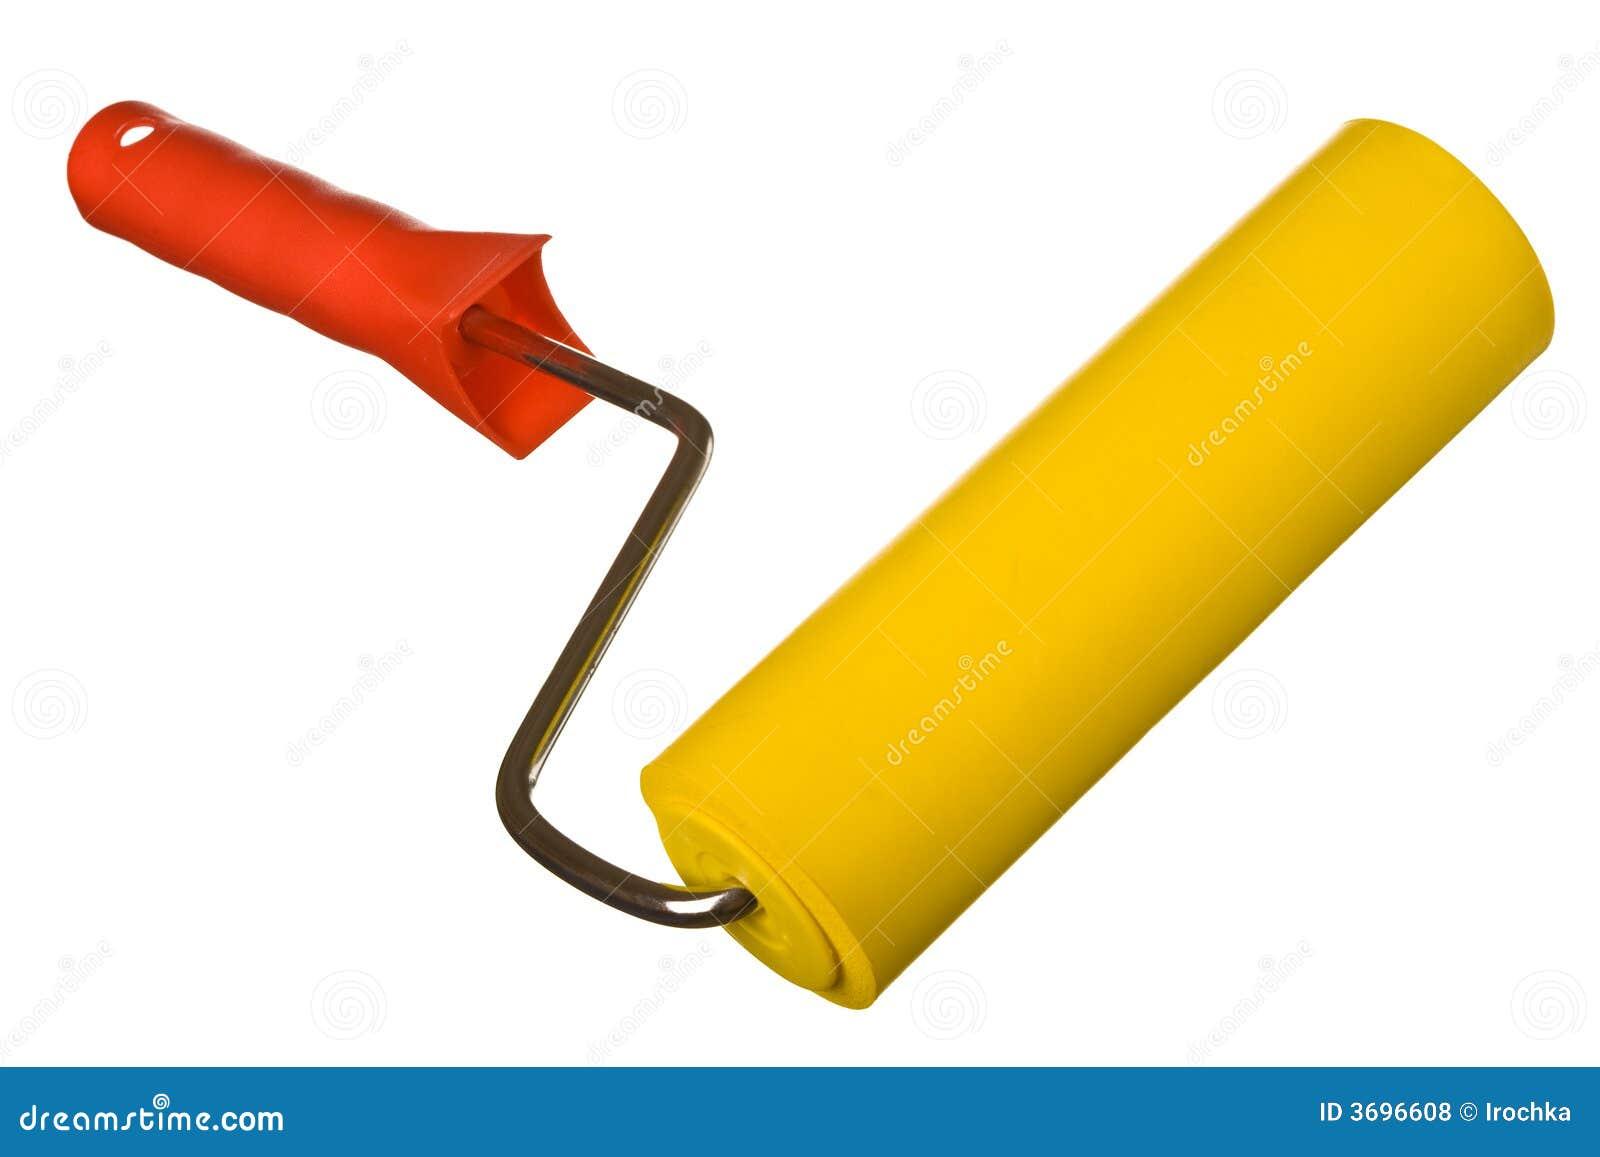 gelbe lackrolle auf weiß stockfoto. bild von rolle, gelb - 3696608